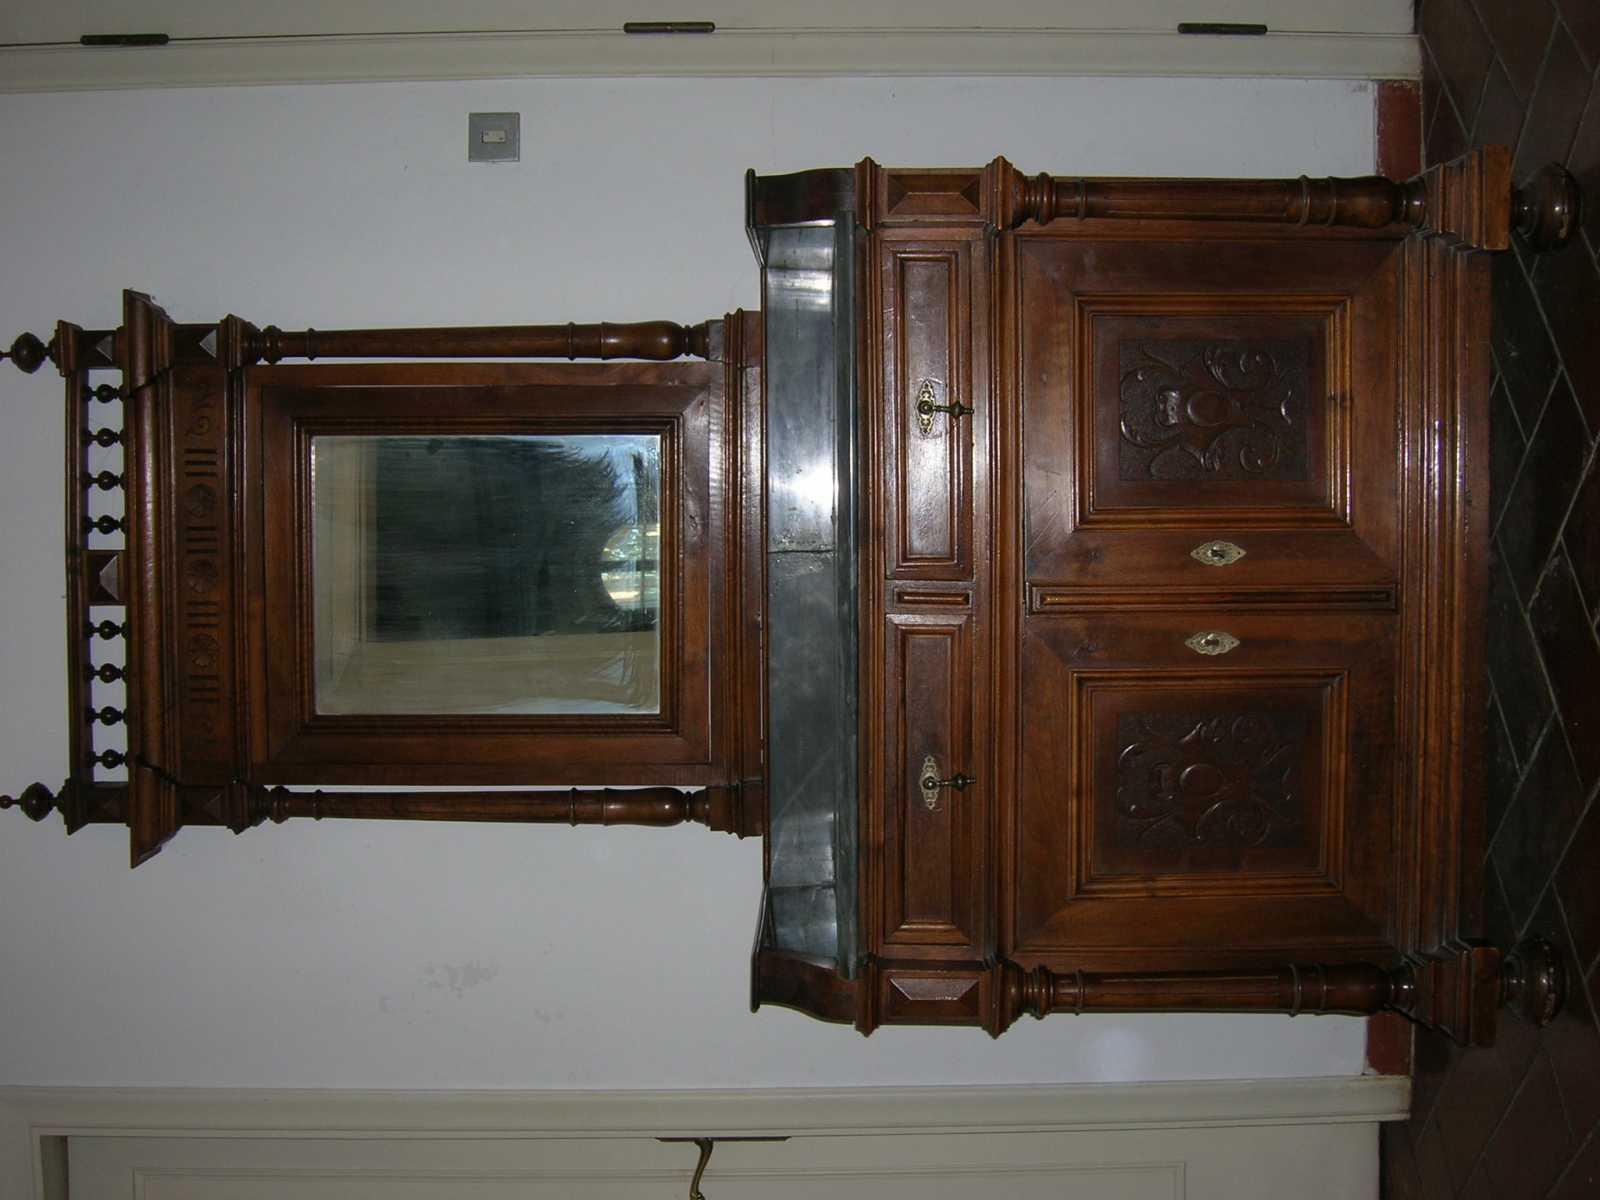 Camera da letto stile umbertino forum arte del mobile antico - Oggetti camera da letto ...